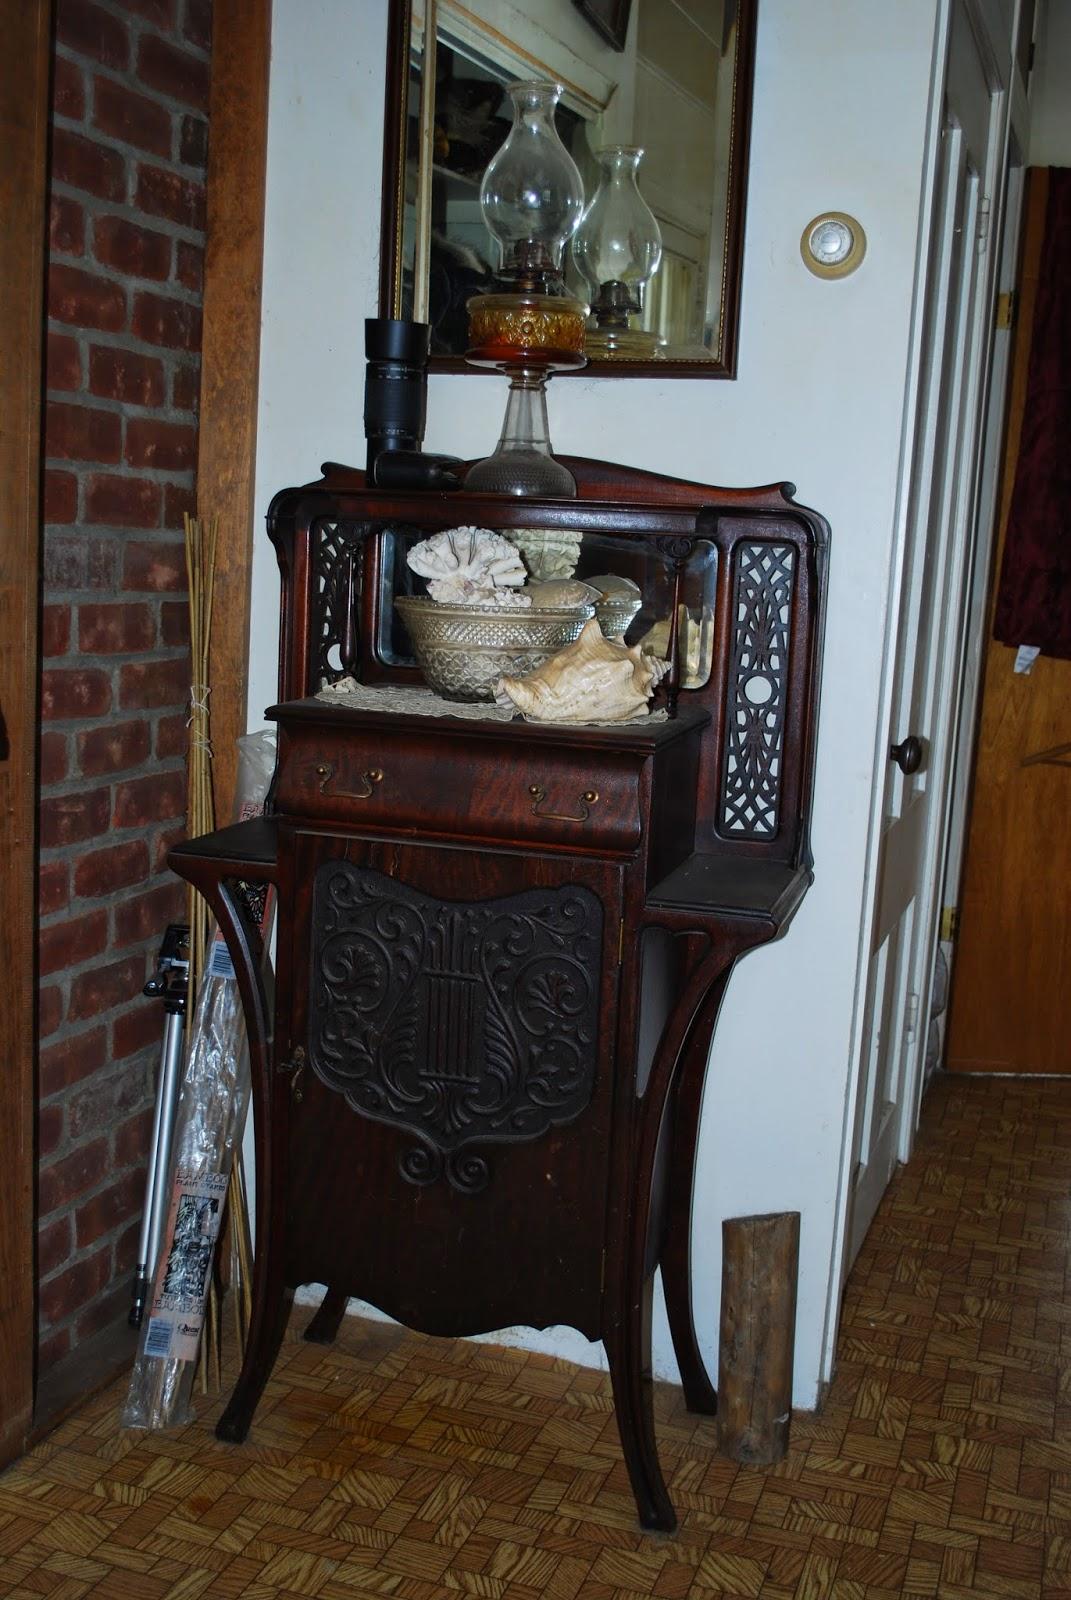 Ferme du sault antiquit meuble de musique for Meuble antiquite